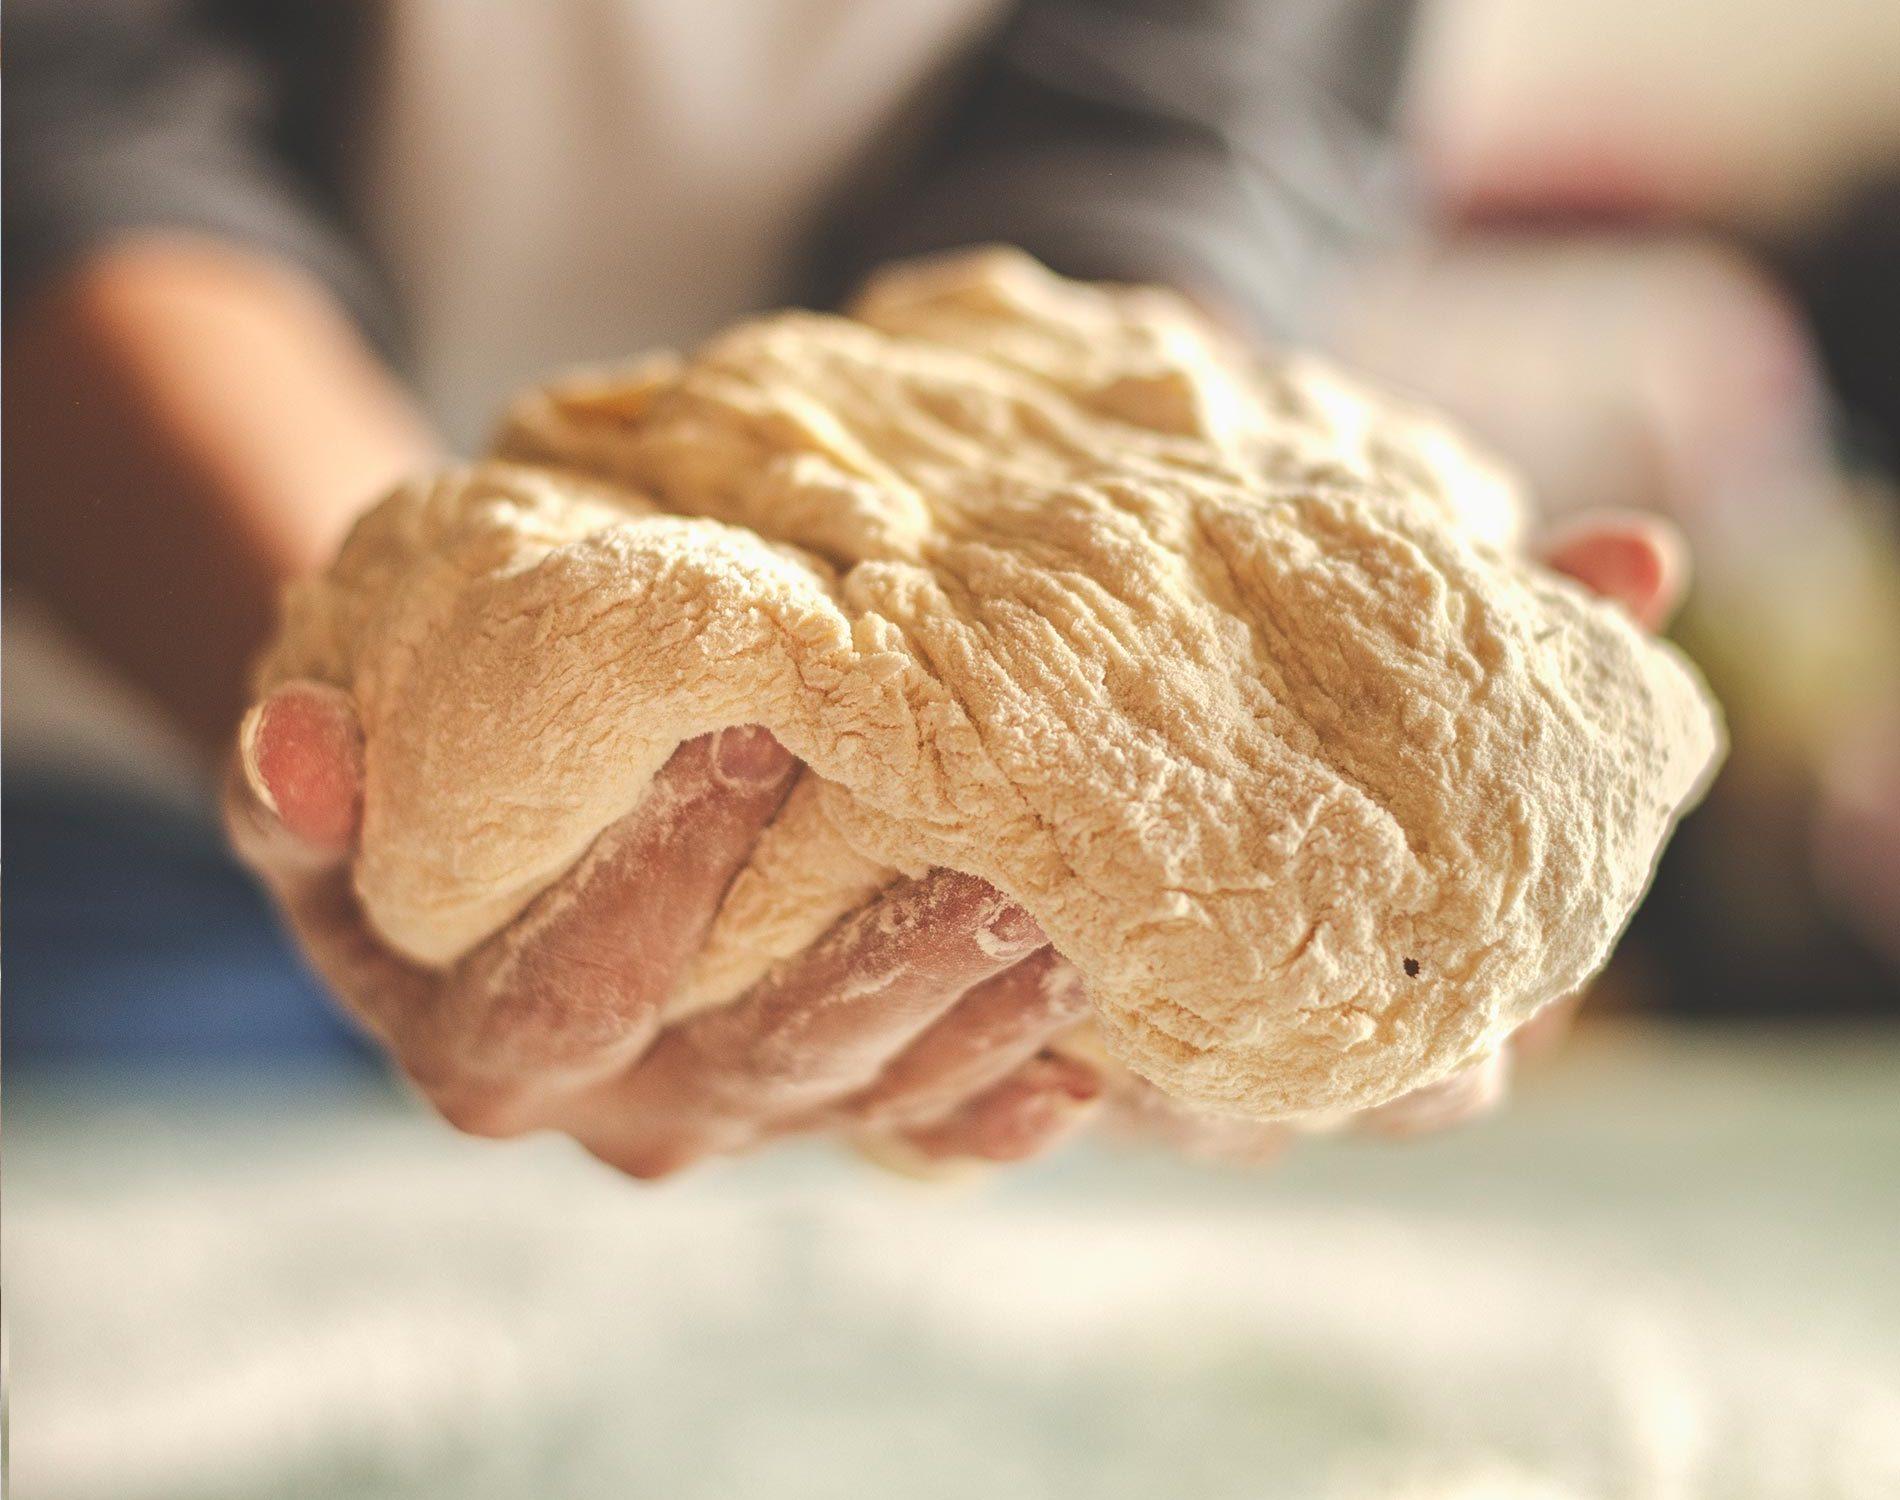 Pizzateig in der Hand